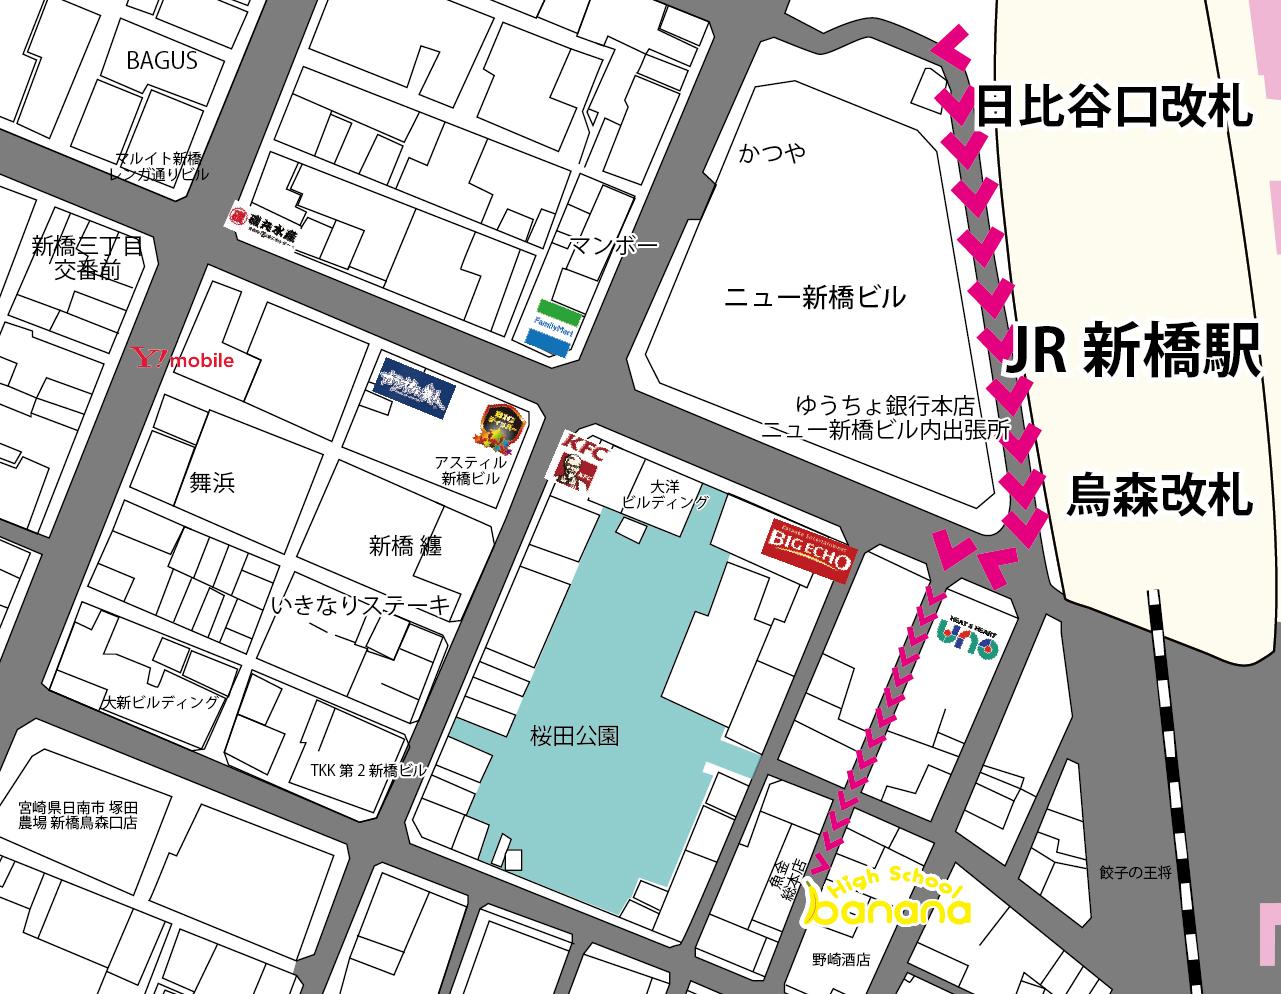 新橋いちゃキャバ・JK制服キャバクラ【ハイスクールbanana】 新橋駅からの地図